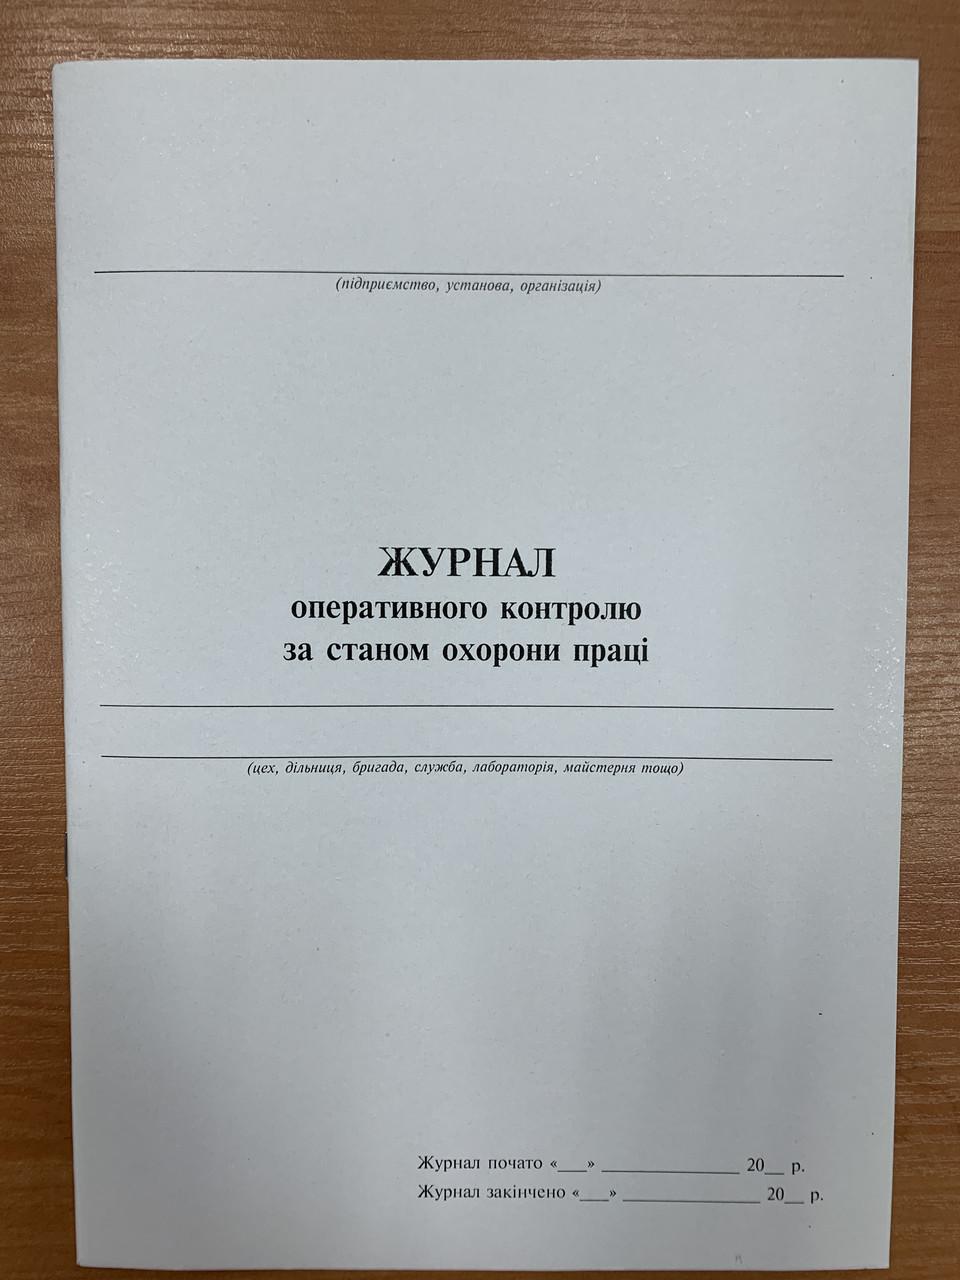 Журнал оперативного контролю за станом охорони праці